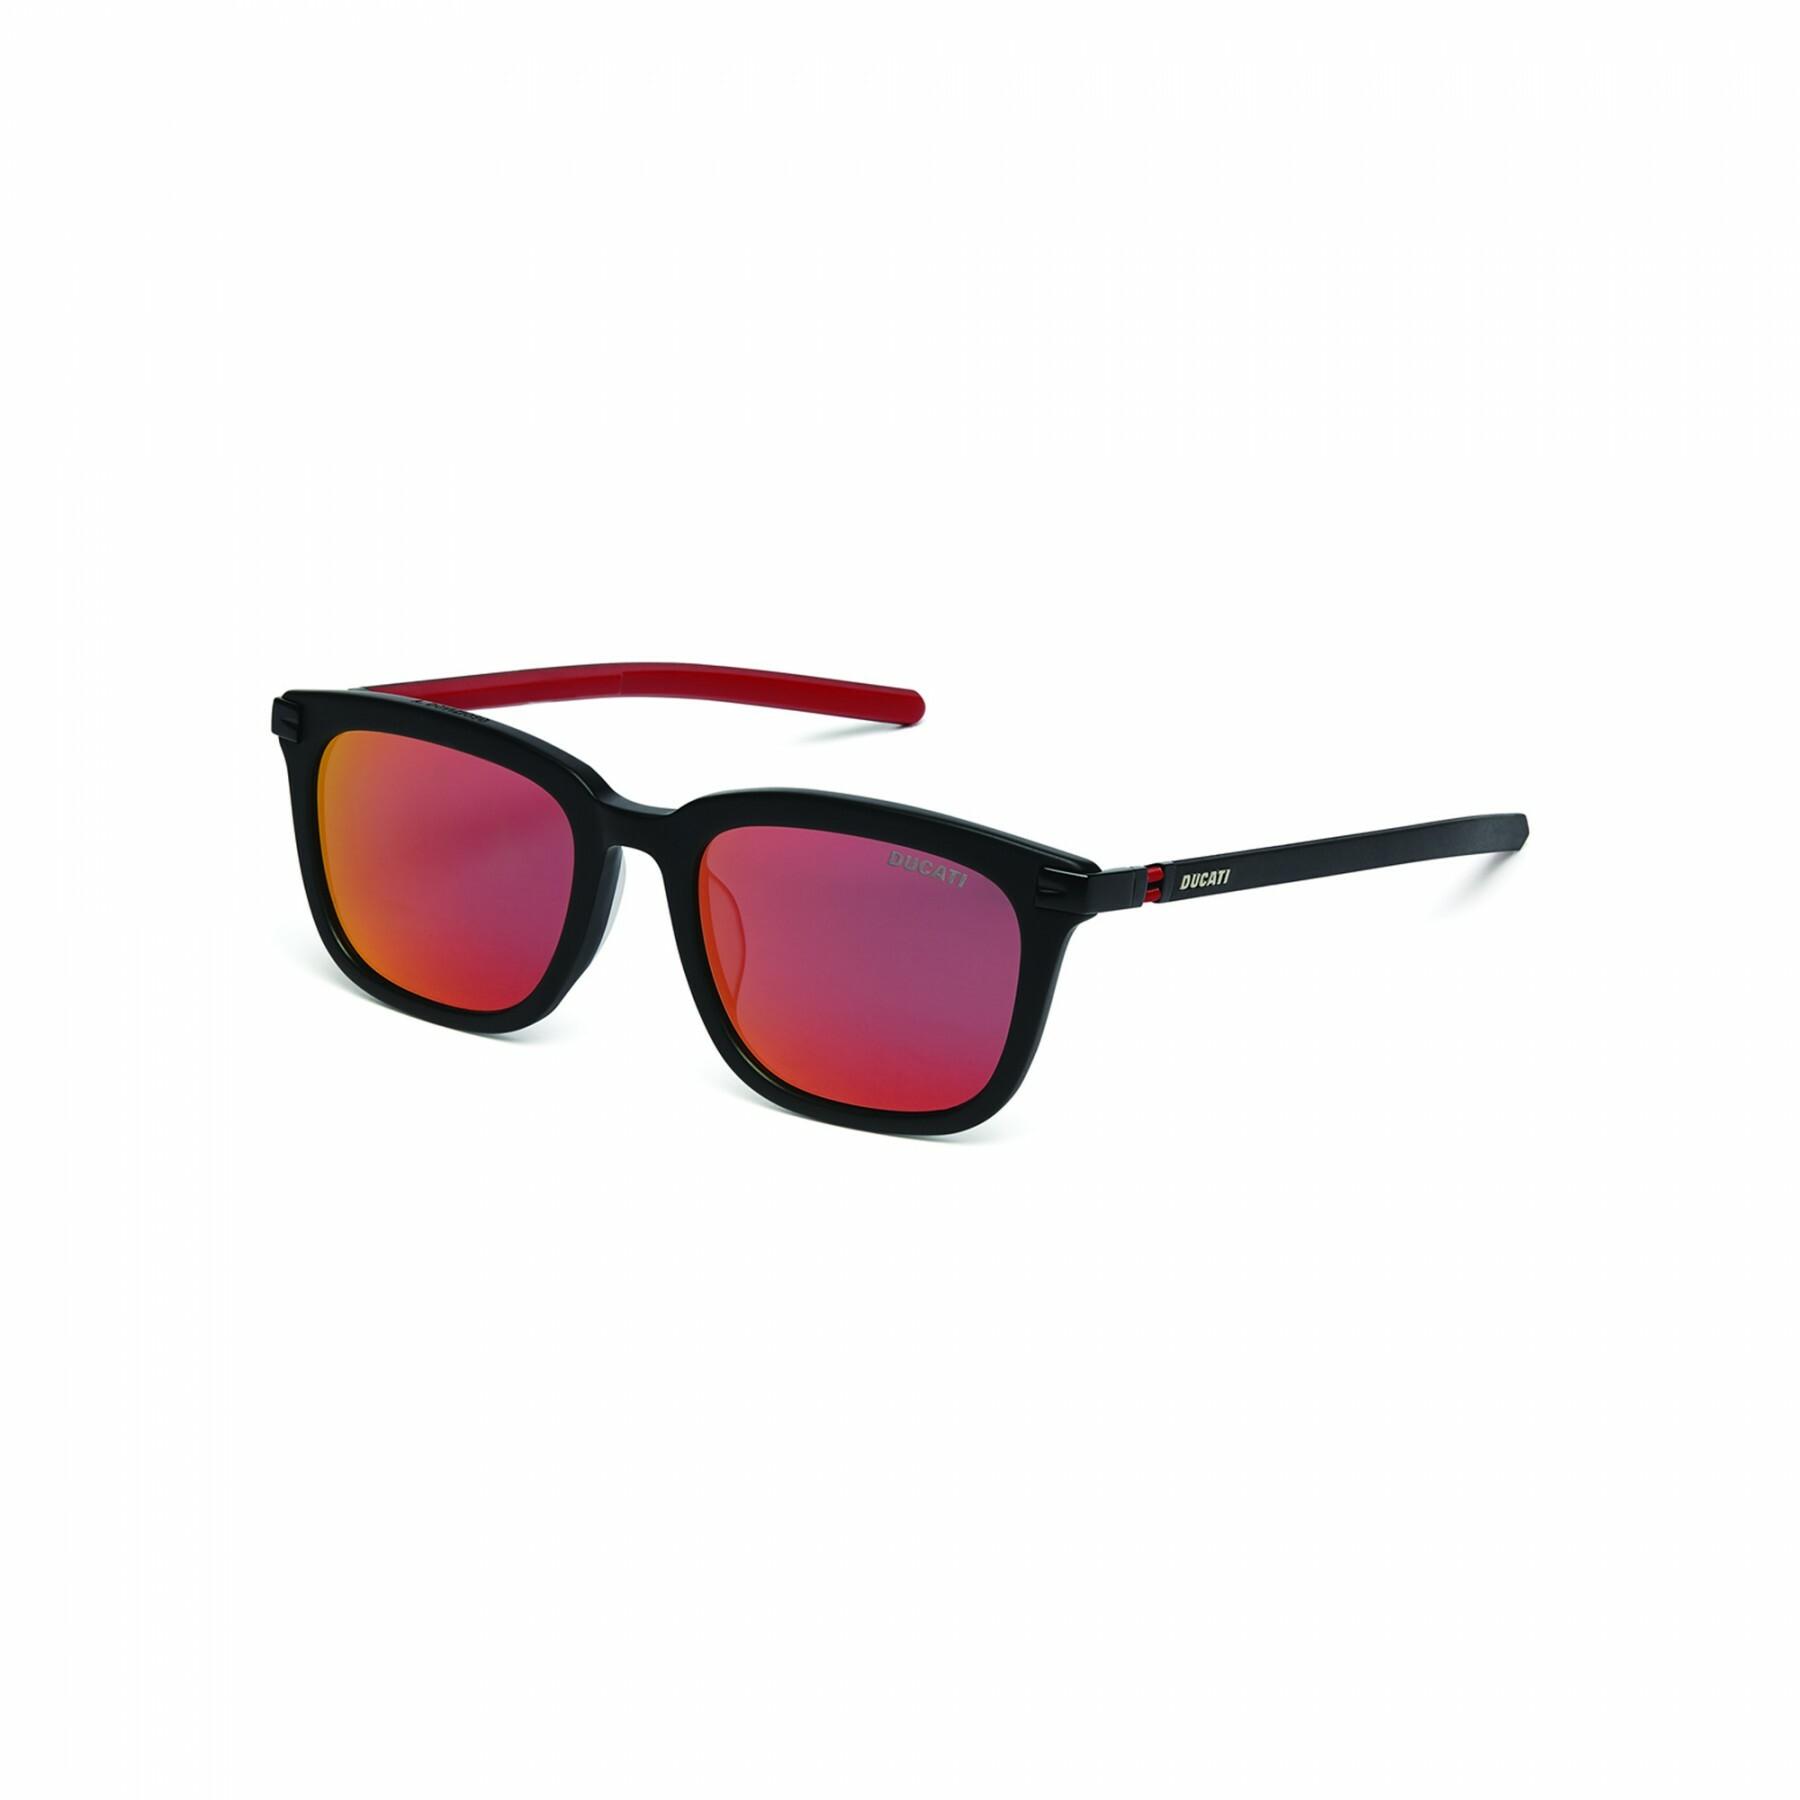 Sunglasses Dovizioso Ducati 987699440